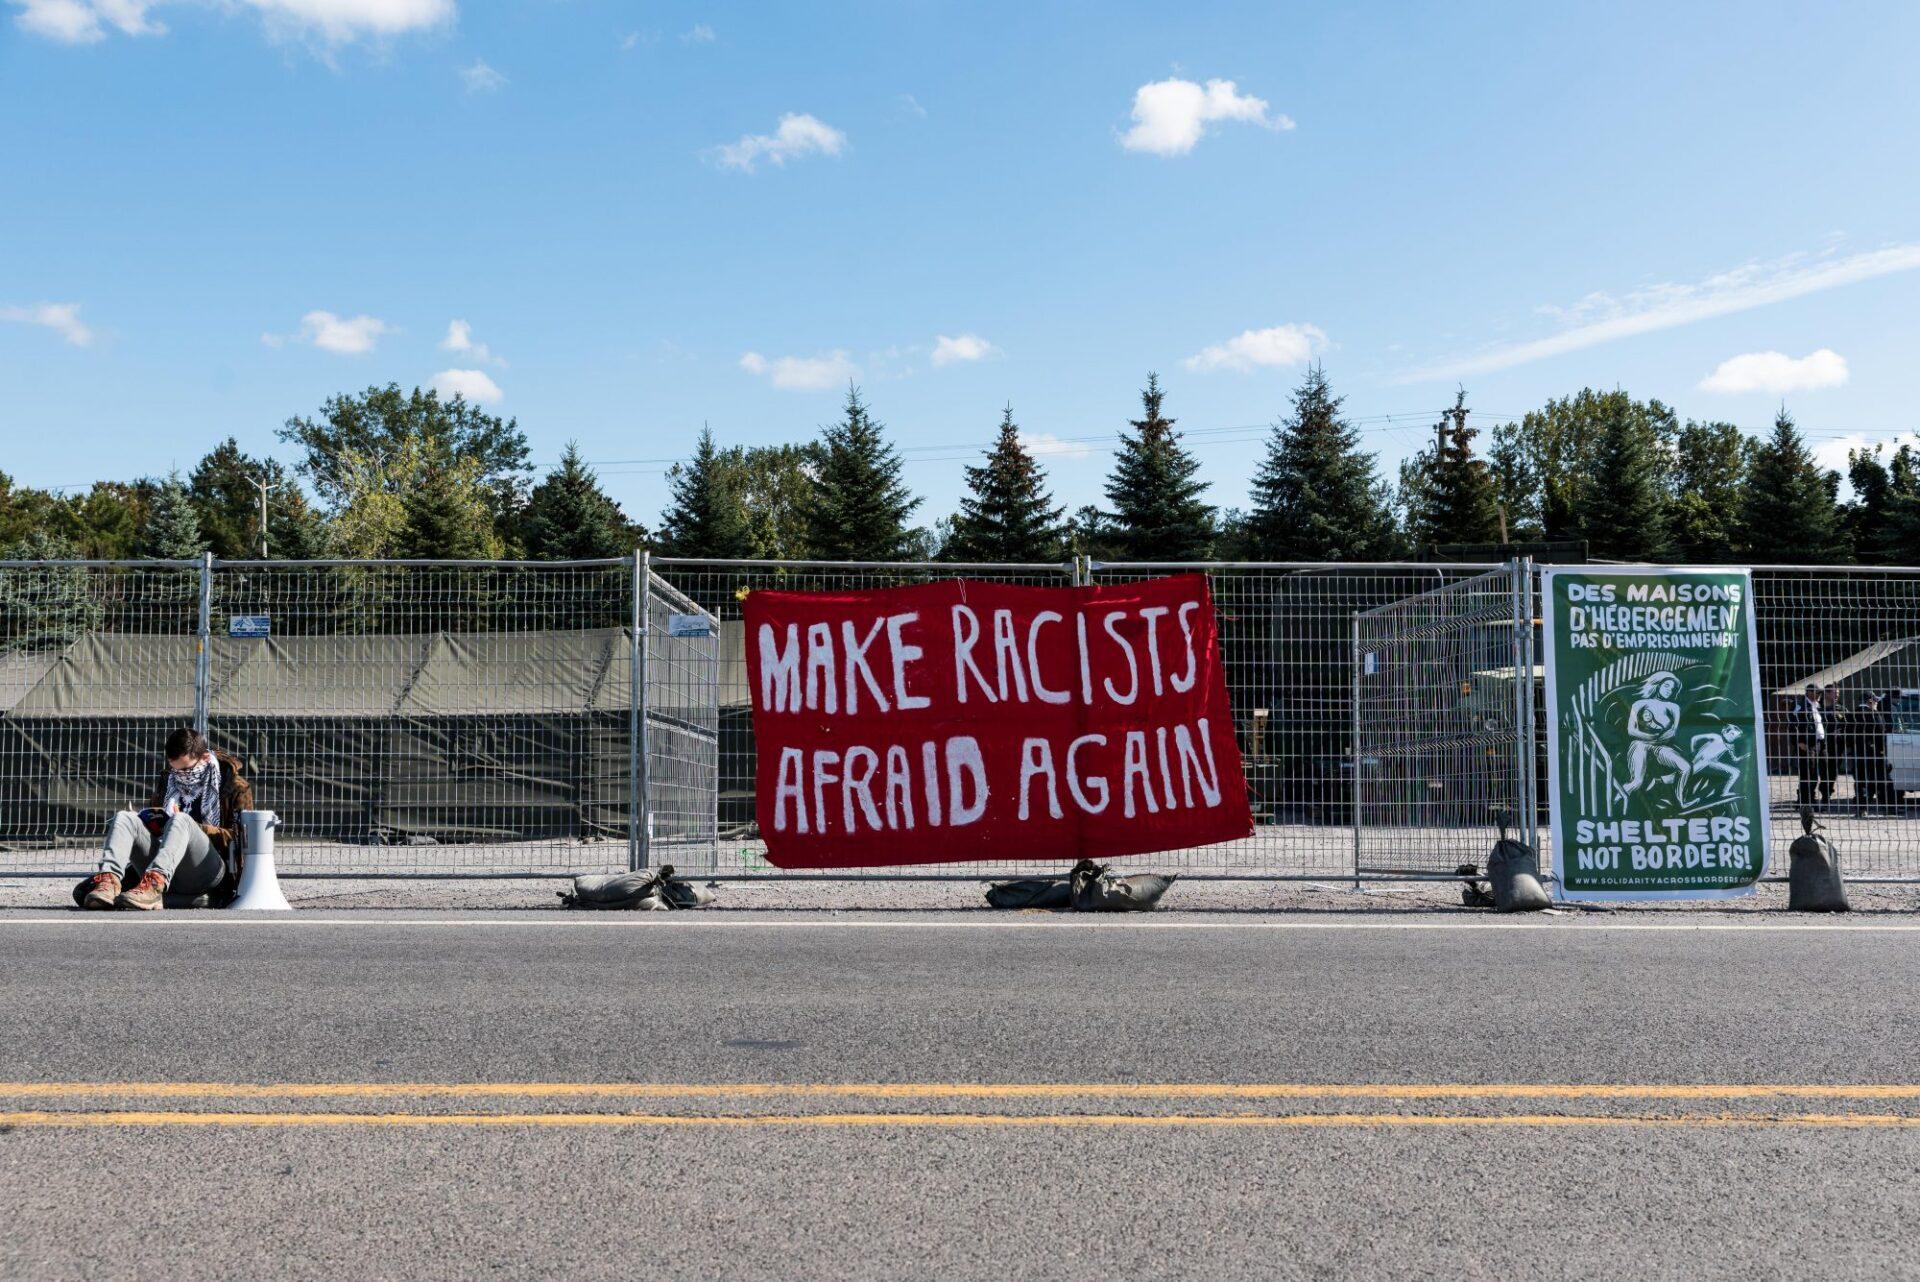 Plusieurs bannières sont affichées par les manifestants antifascistes sur les clôtures entourant le camp de réfugiés   Photo: Martin Ouellet-Diotte Montréal Campus